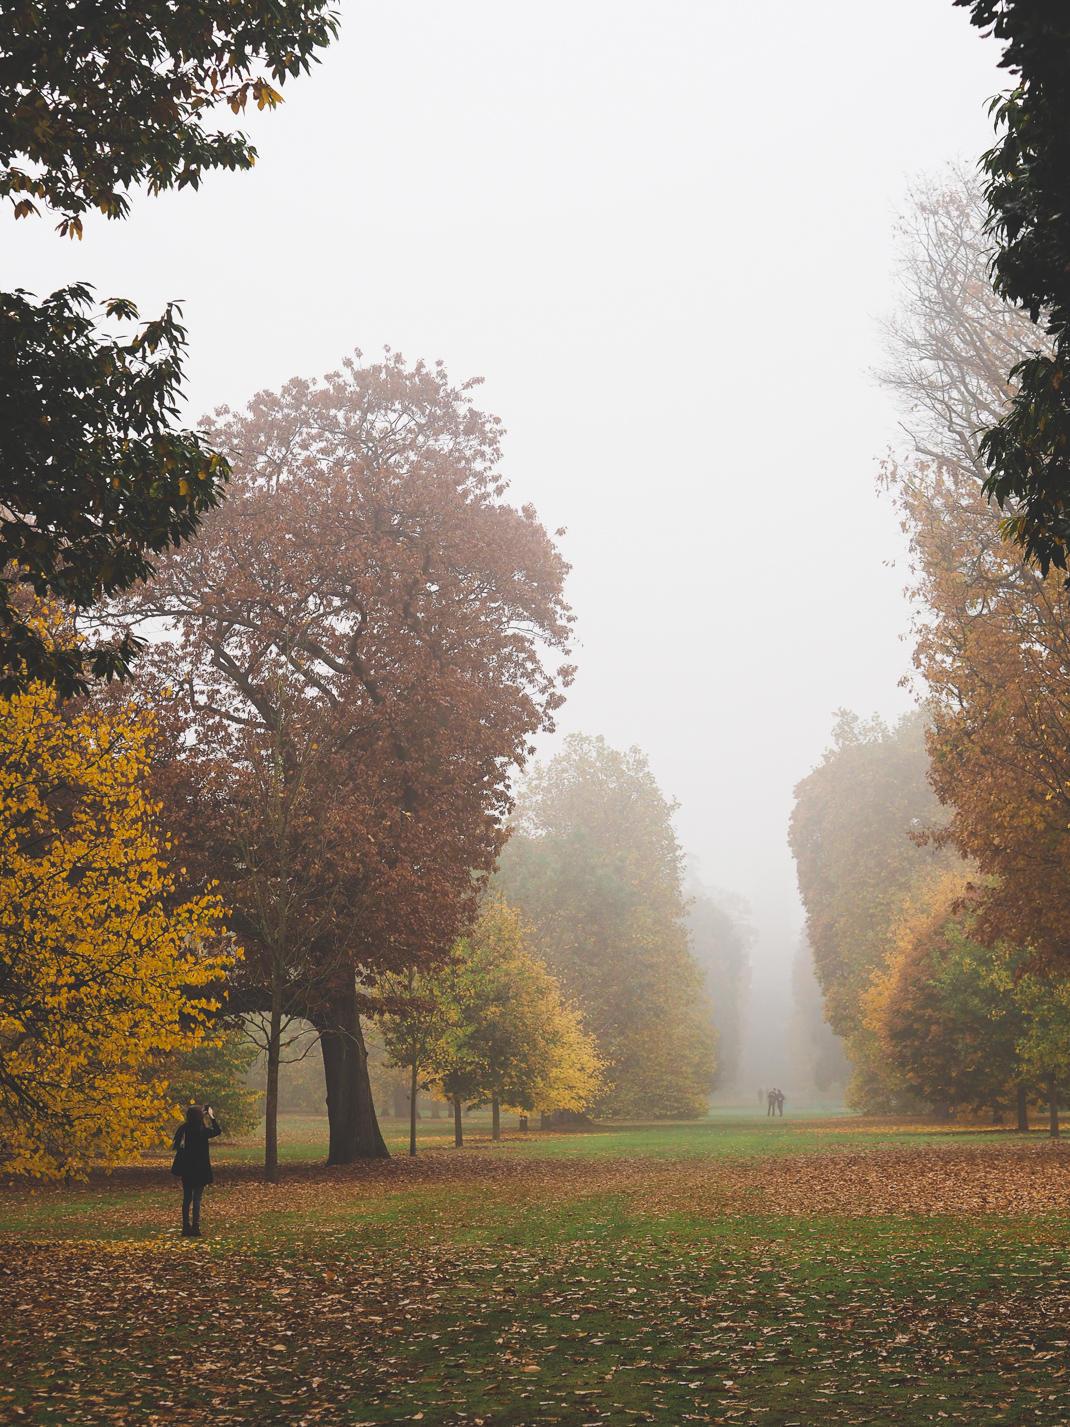 misty trees in kew gardens